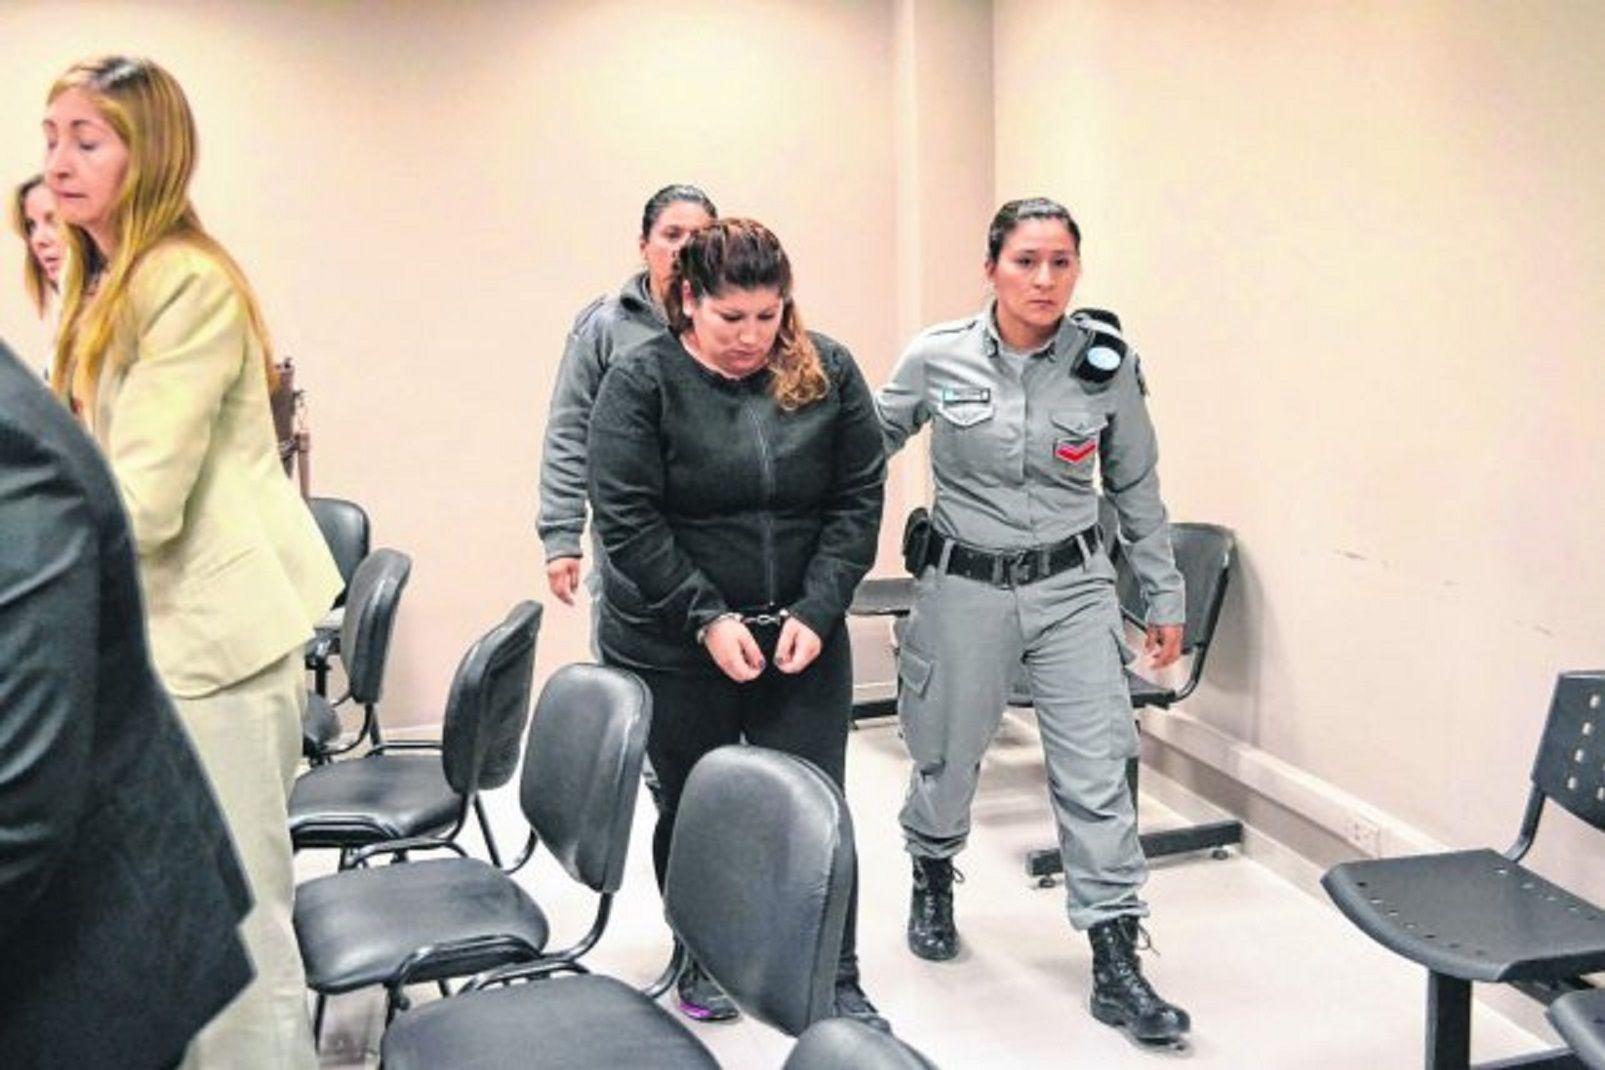 Fue condenada a perpetua por haber asesinado a golpes a sus dos hijas